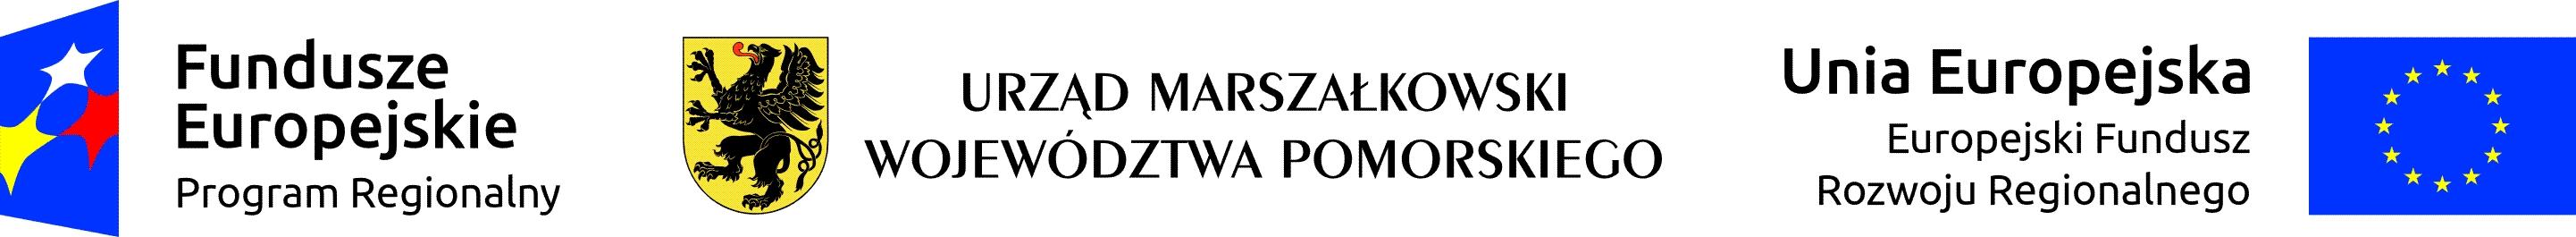 Loga Fundusze Europejskie, Urząd Marszałkowski Województwa Pomorskiego, Europejski Fundusz Rozwoju Regionalnego